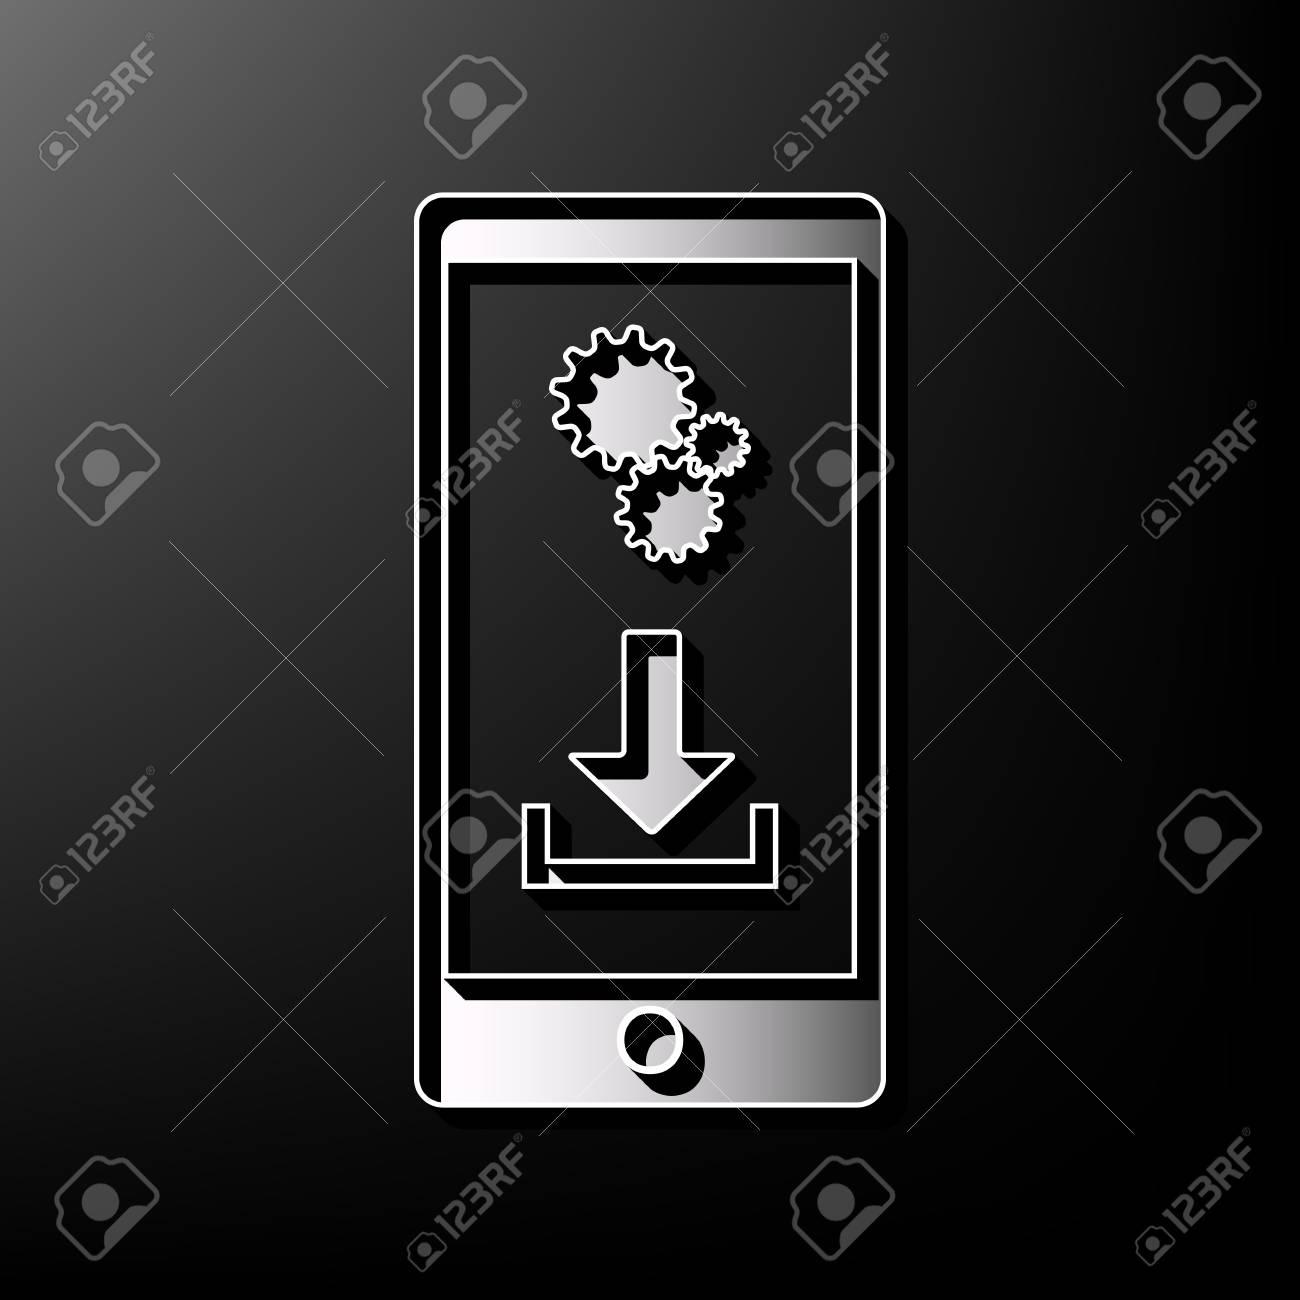 Обои на телефон скачать 3д | 1300x1300